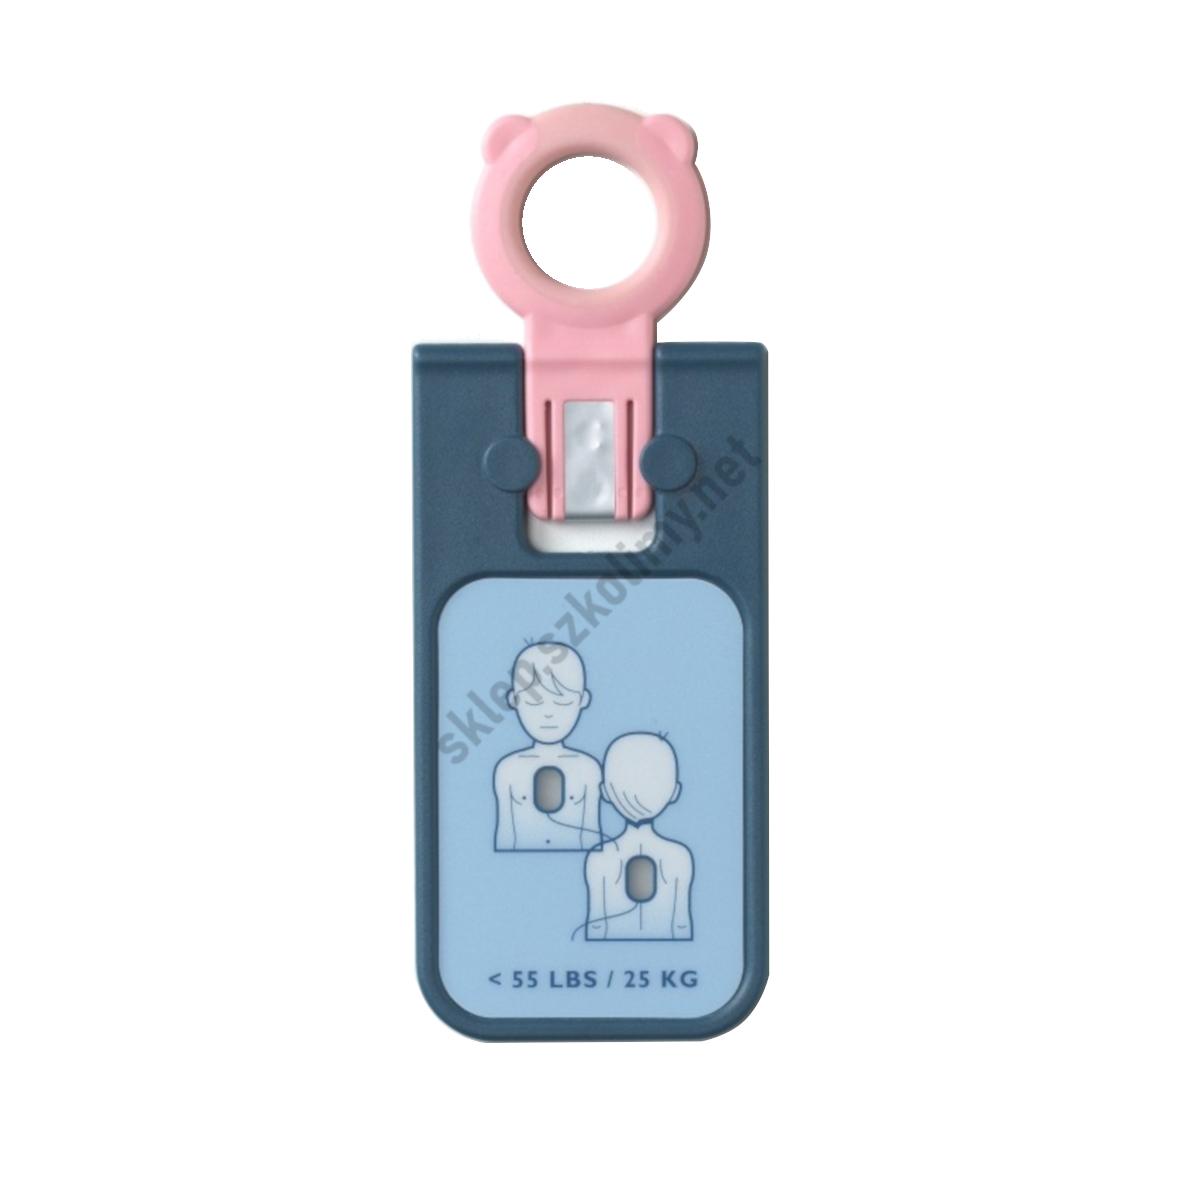 Klucz pediatryczny do Philips HeartStart FRx